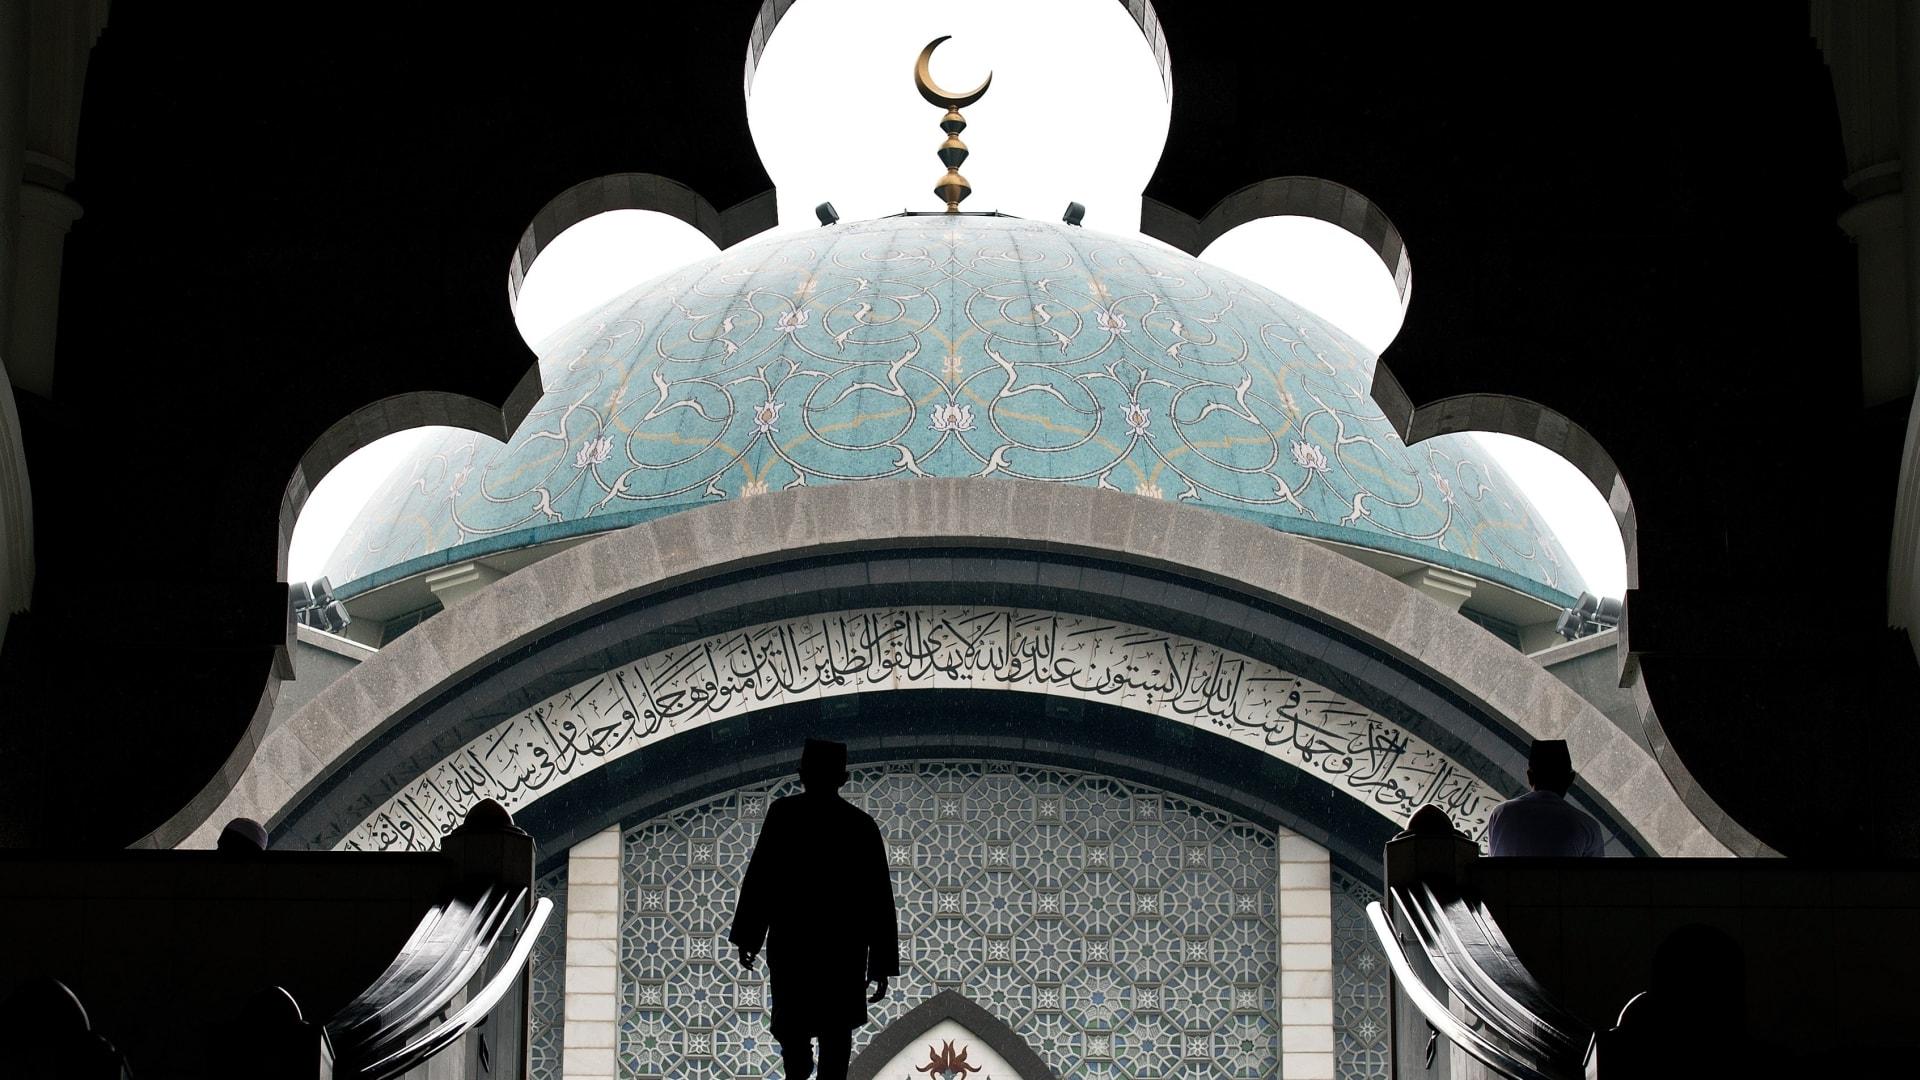 صورة تعبيرية لرجل يصعد سلالما للوصول غلى مسجد في ماليزيا العام 2015